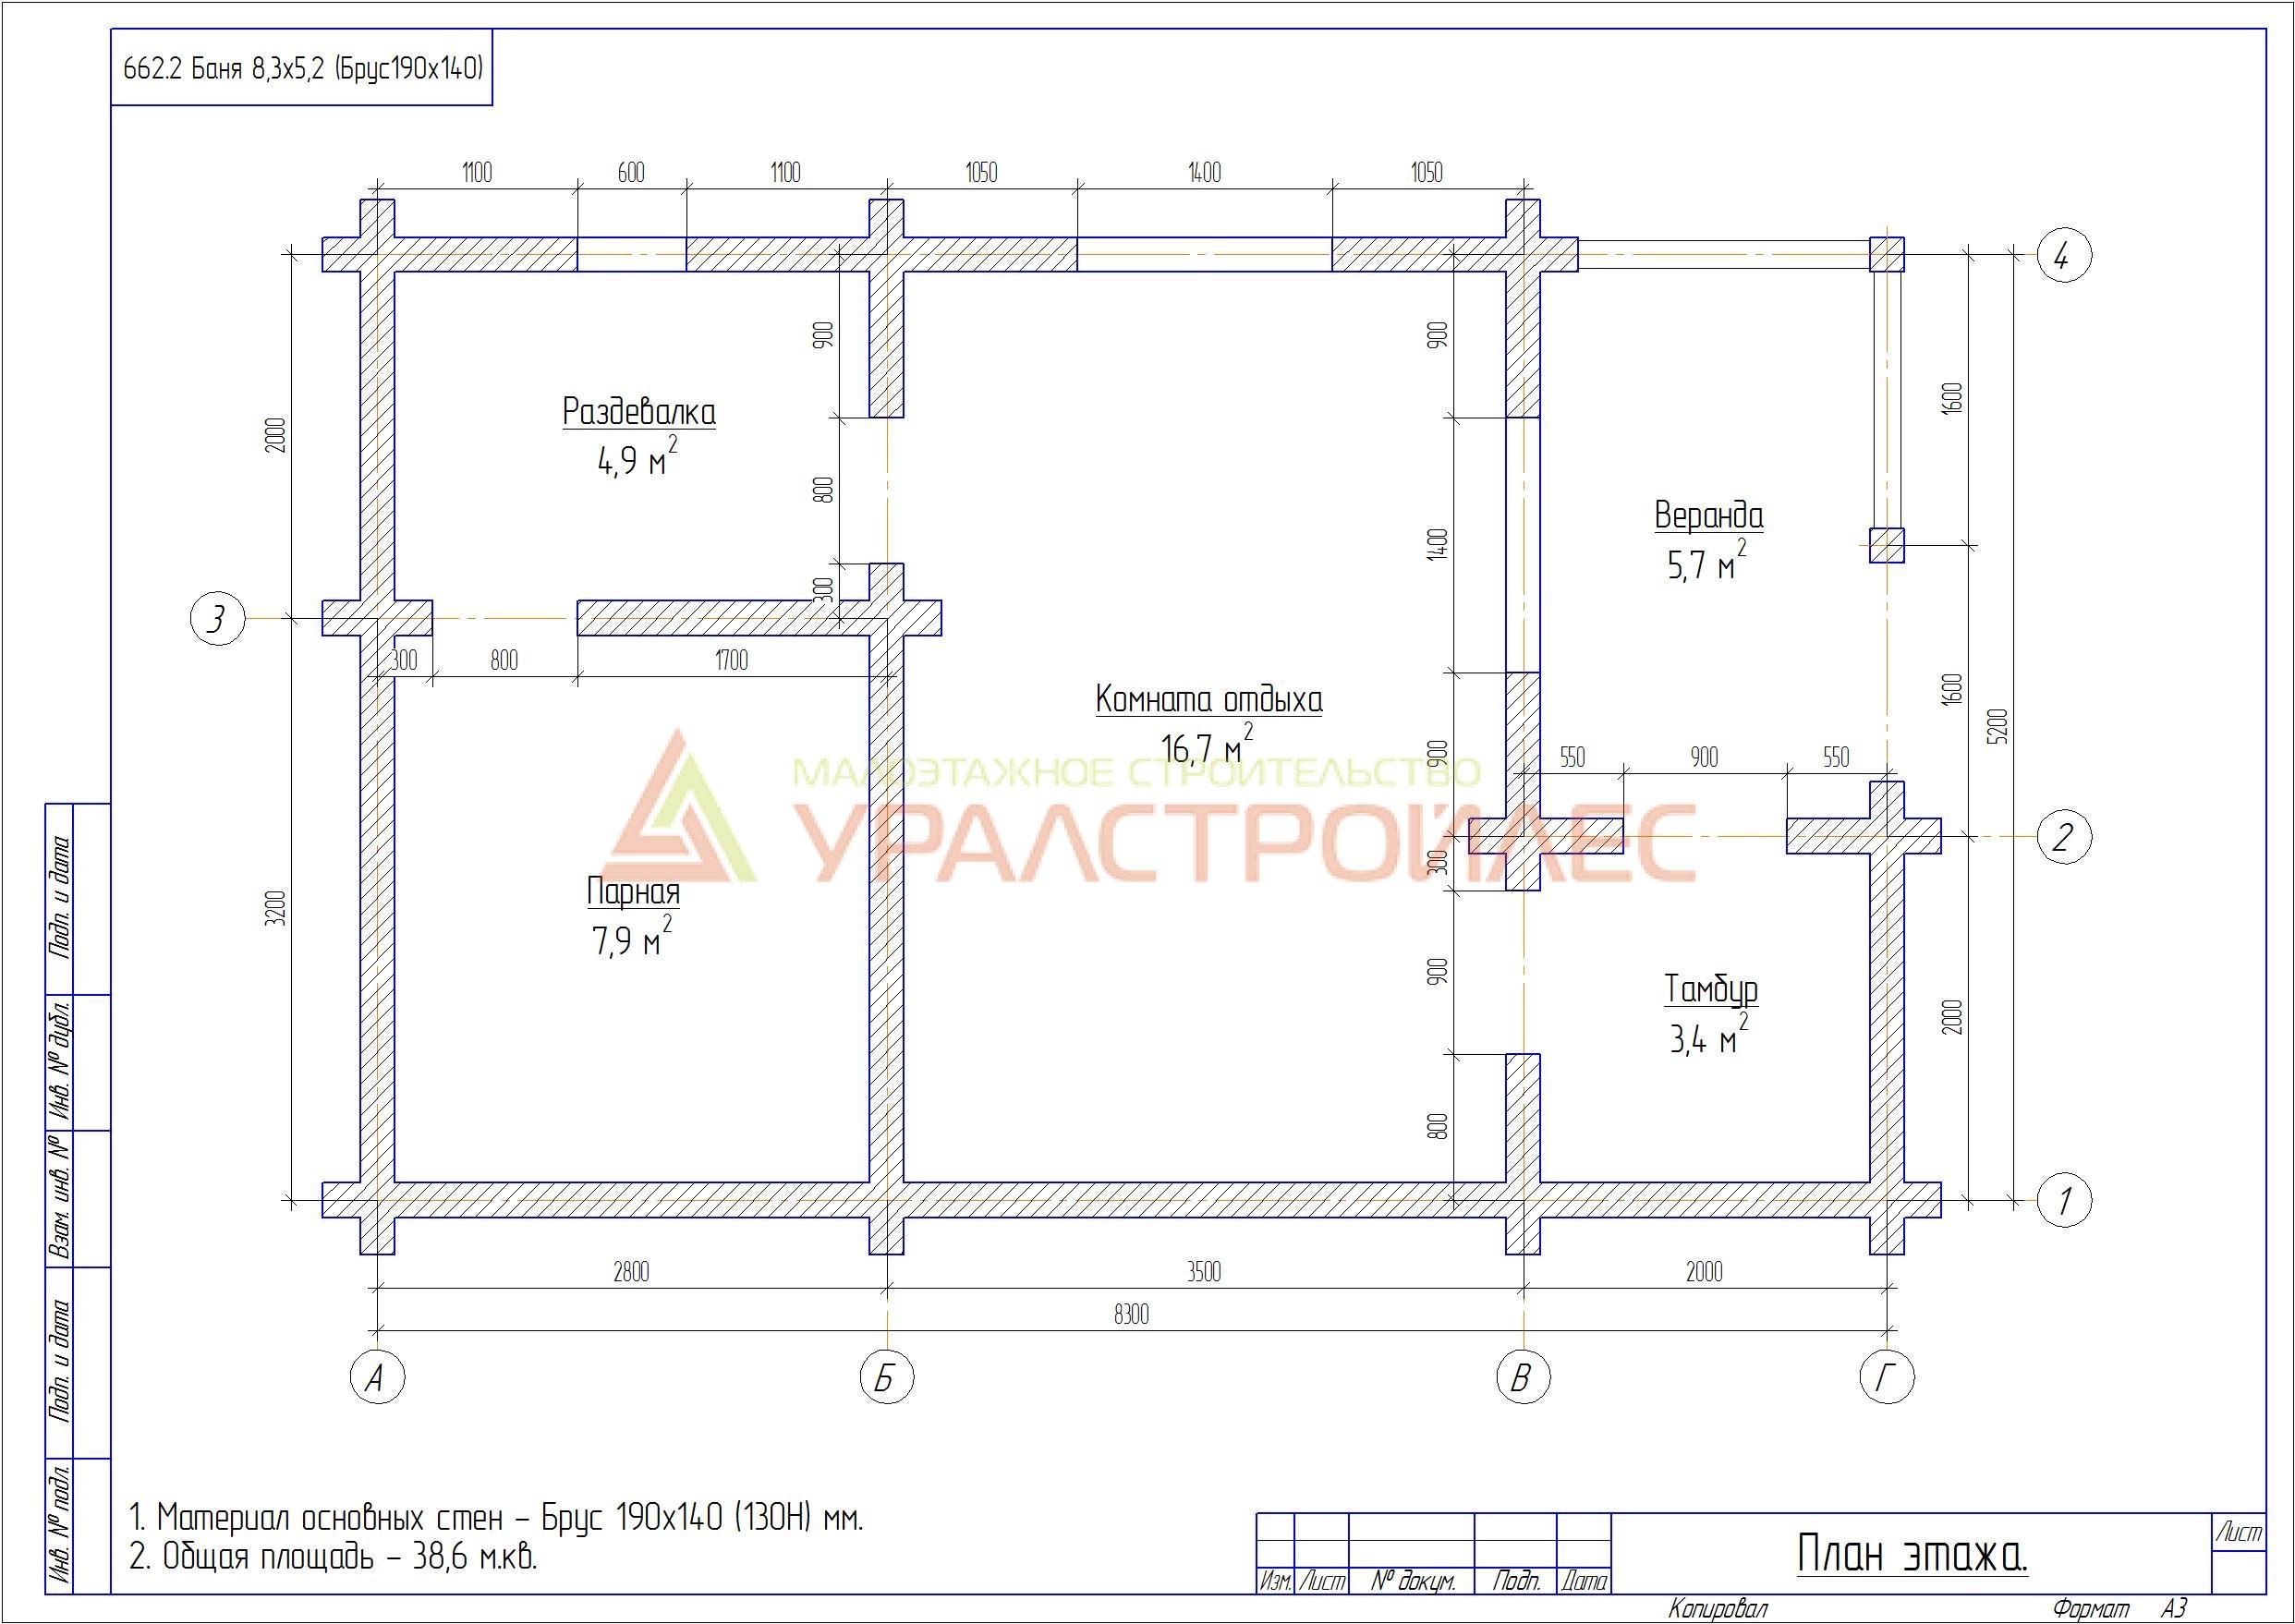 Проект № 662.2  Тюмень . п. Ушакова 4 очередь.